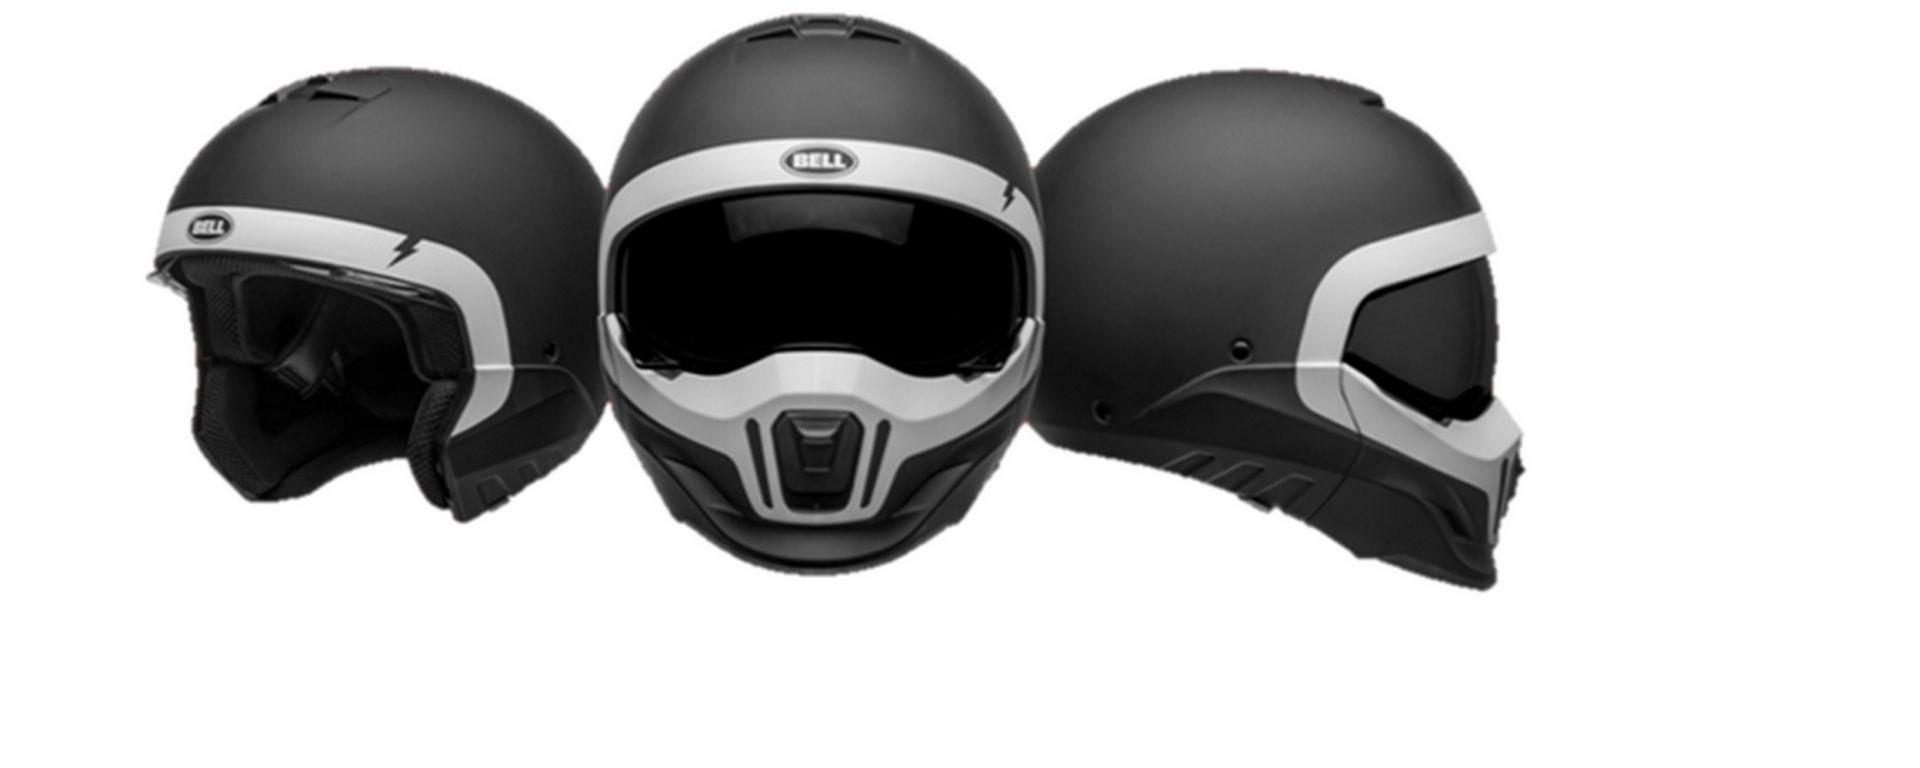 Bell Broozer e Moto-9 Youth: i nuovi caschi per il 2020